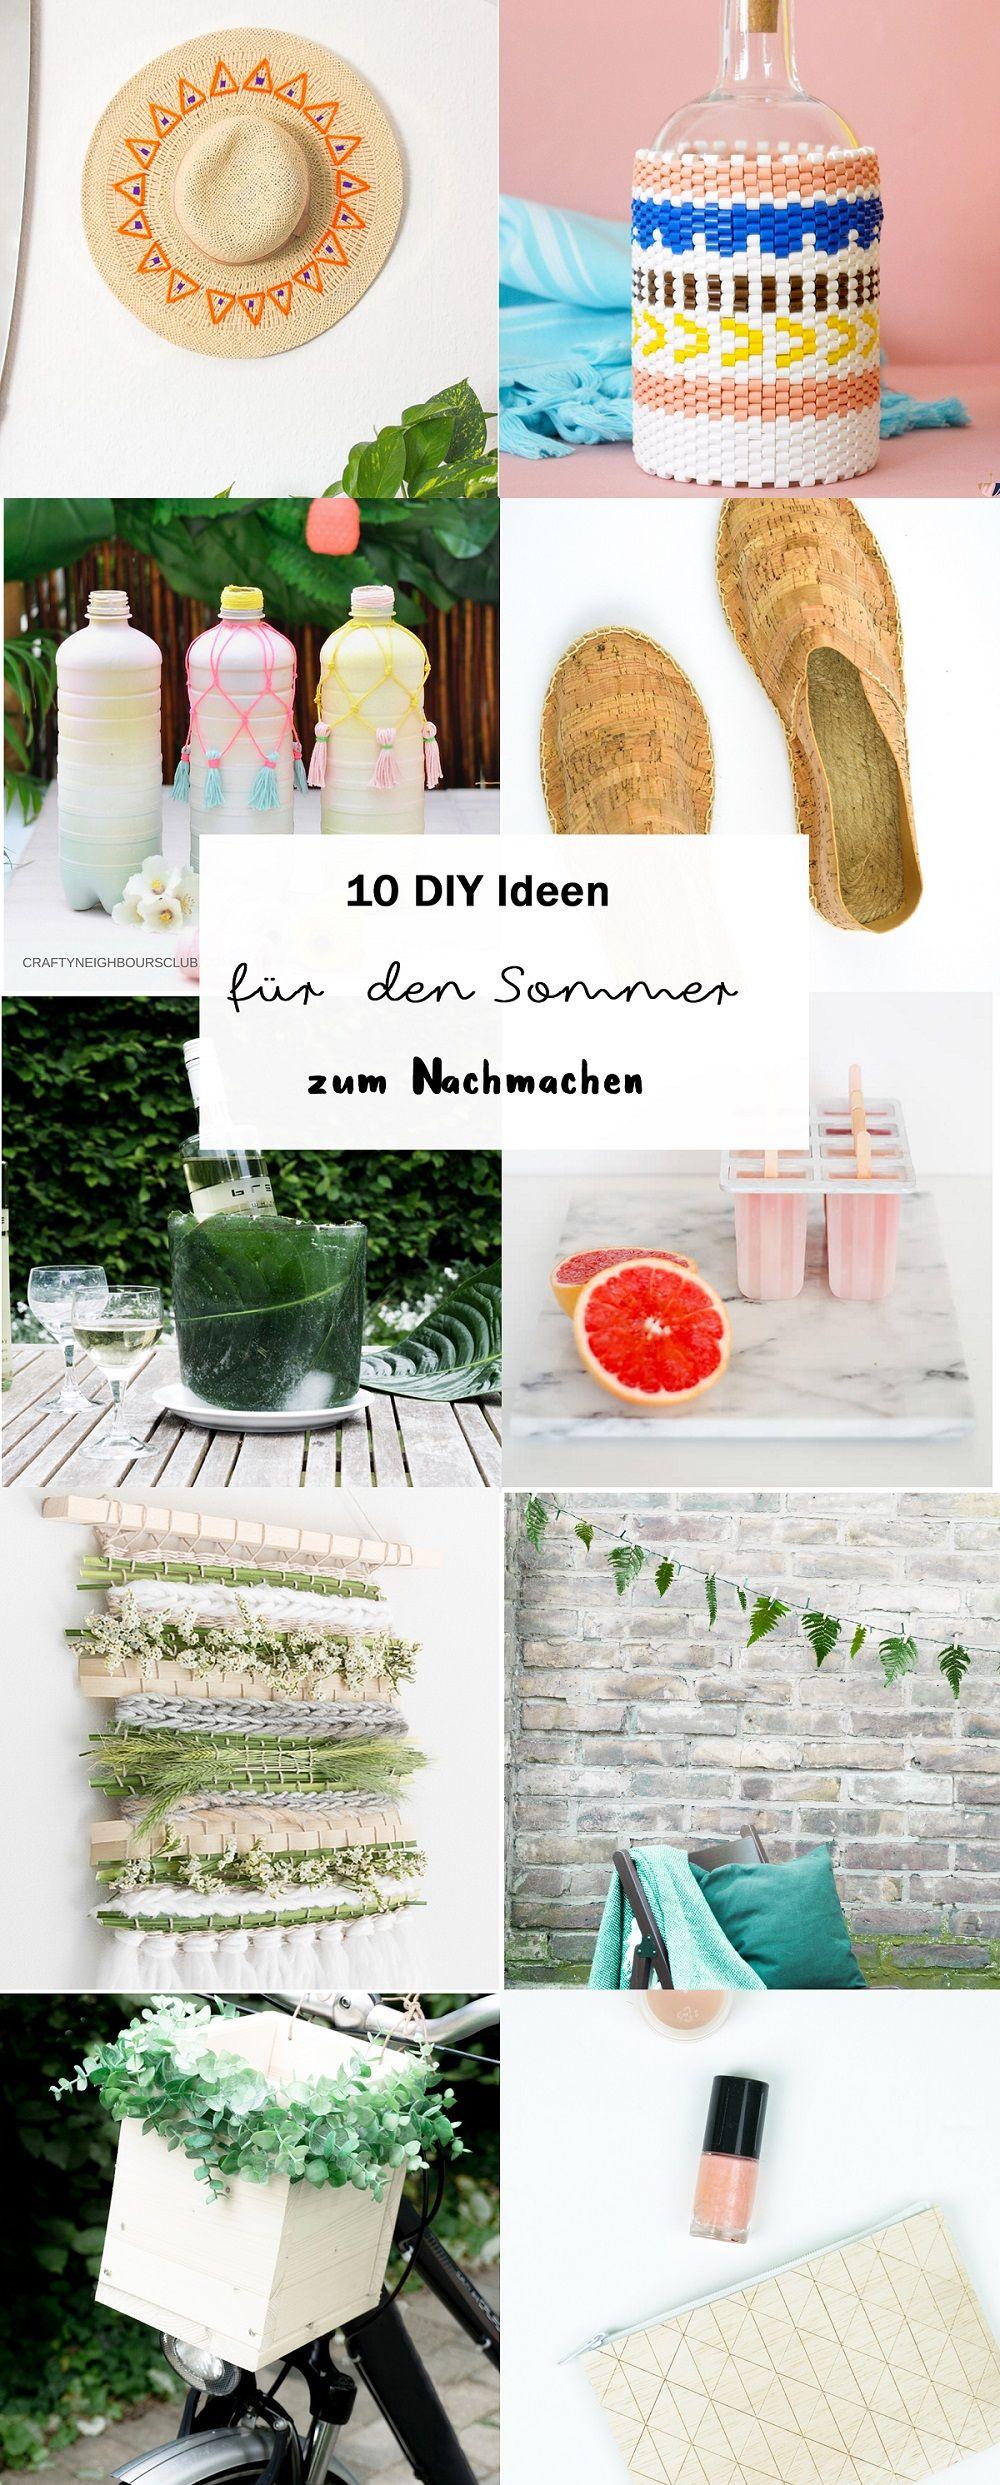 Bastelideen Garten Frisch 10 Diy Bastelideen Für Den sommer